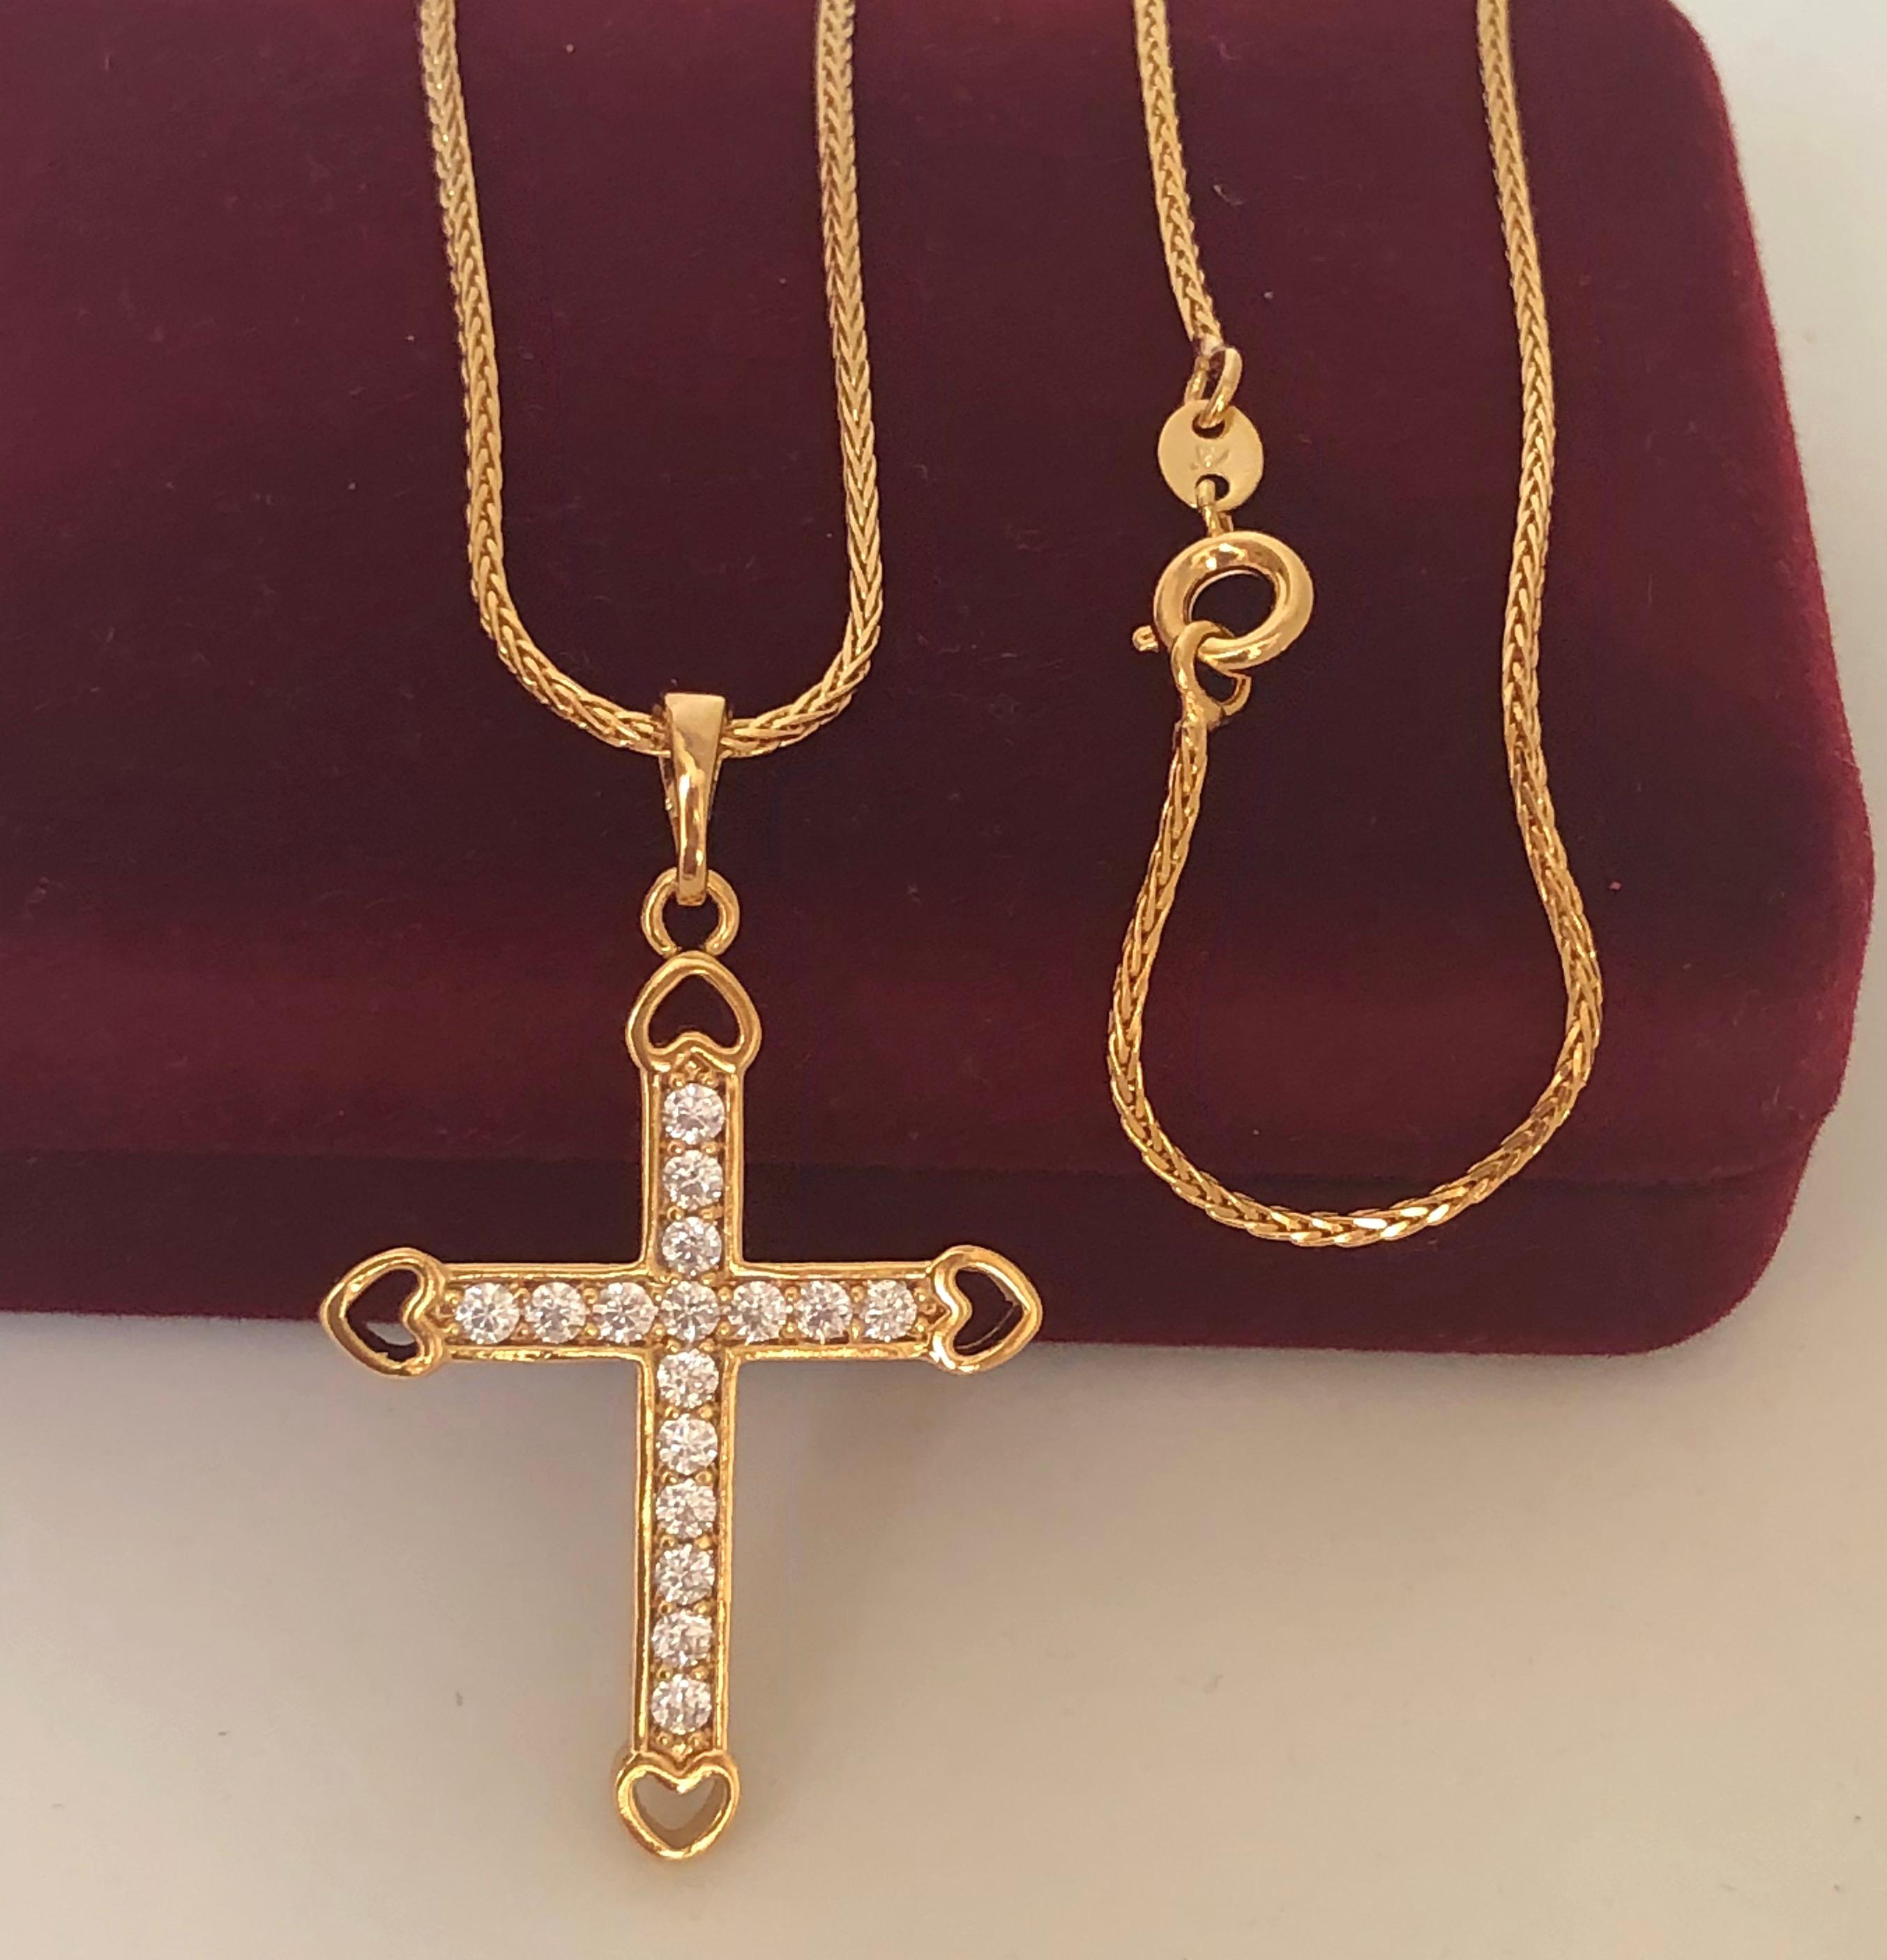 Schmuckset goldene Halskette mit großem Kreuz Anhänger mit kleinen Kristallen